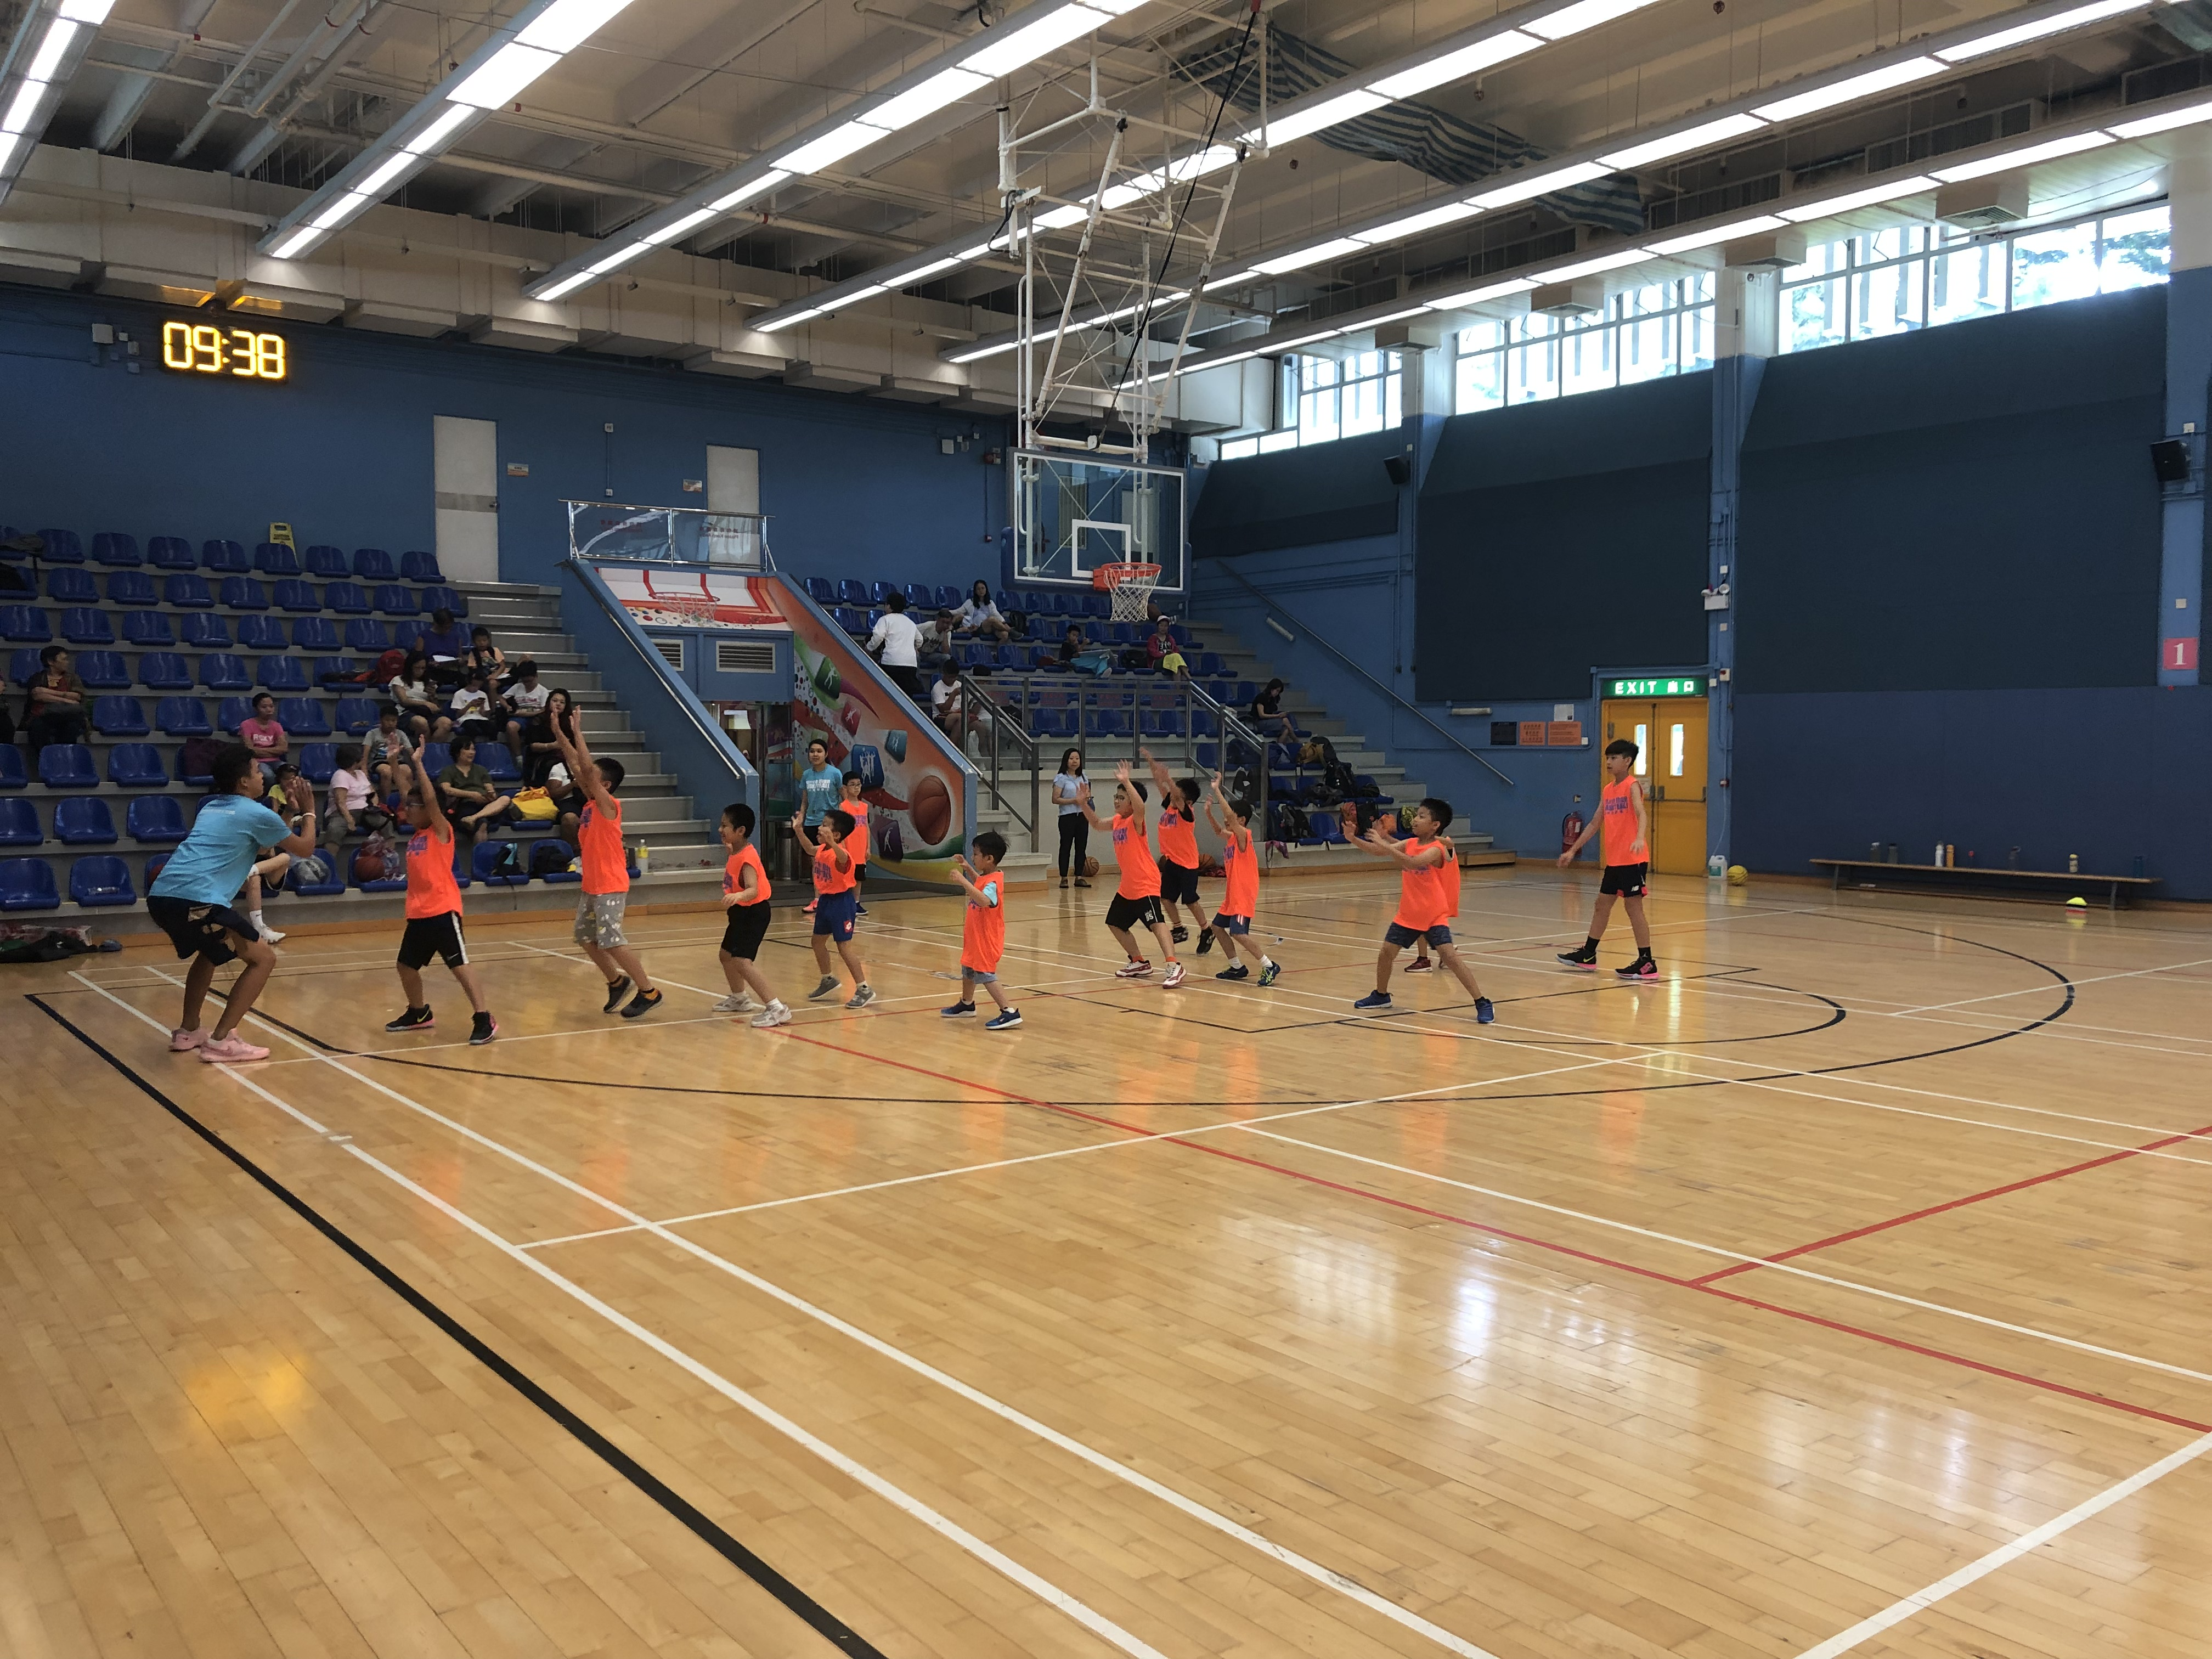 暑期籃球班 及 營會 | 籃球體育事工 Basketball Sport Ministry